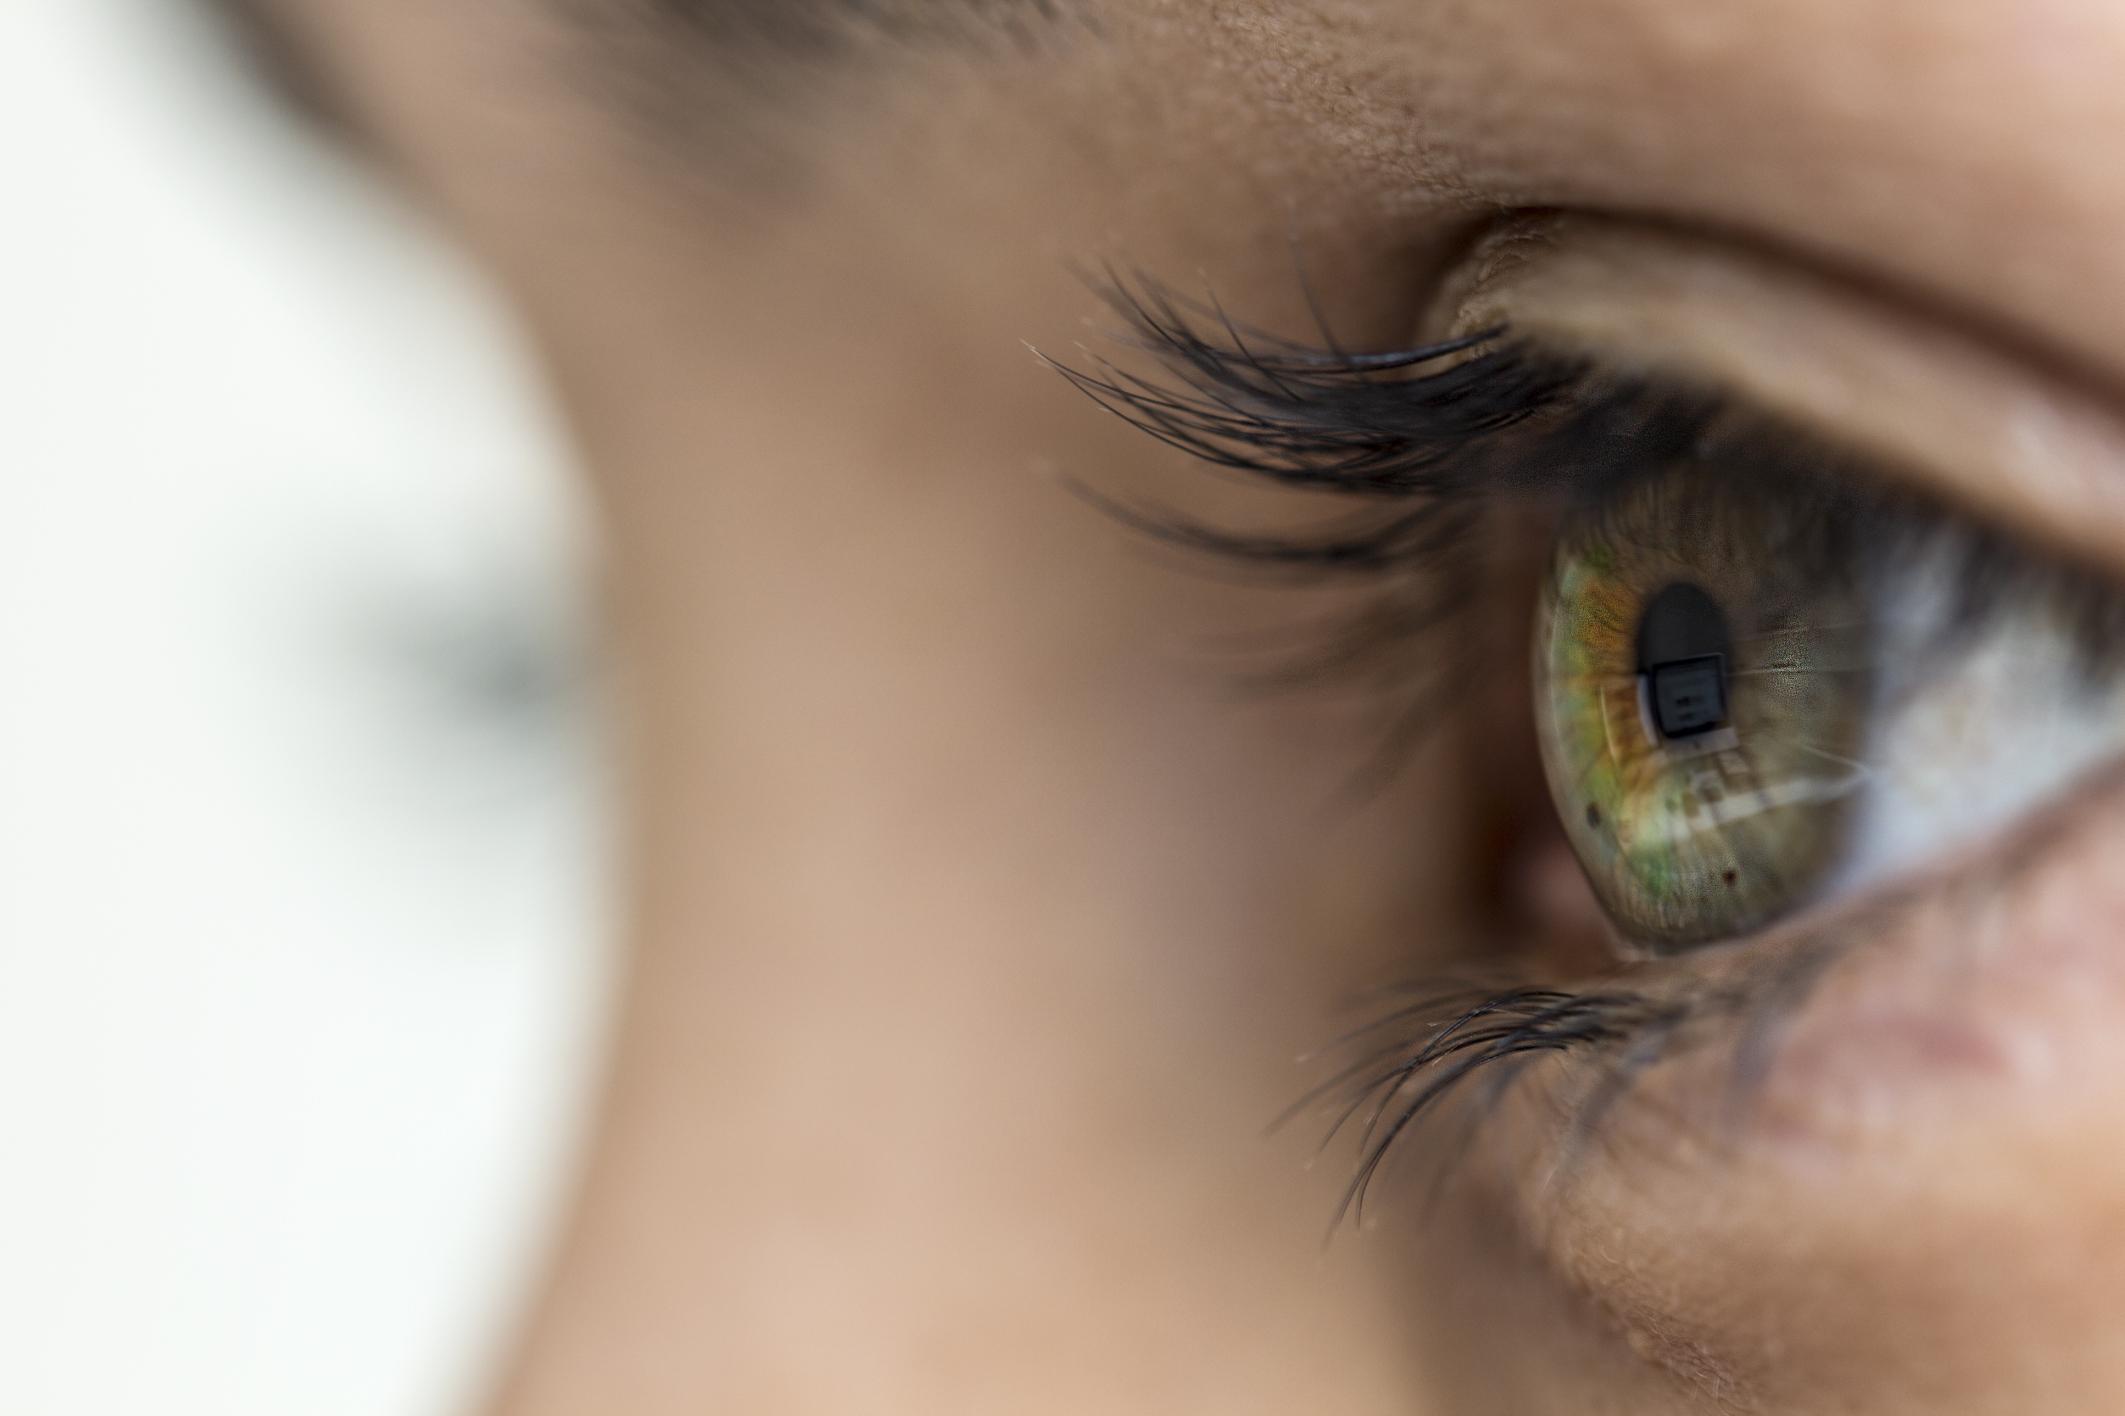 rövidlátás a szem láttán